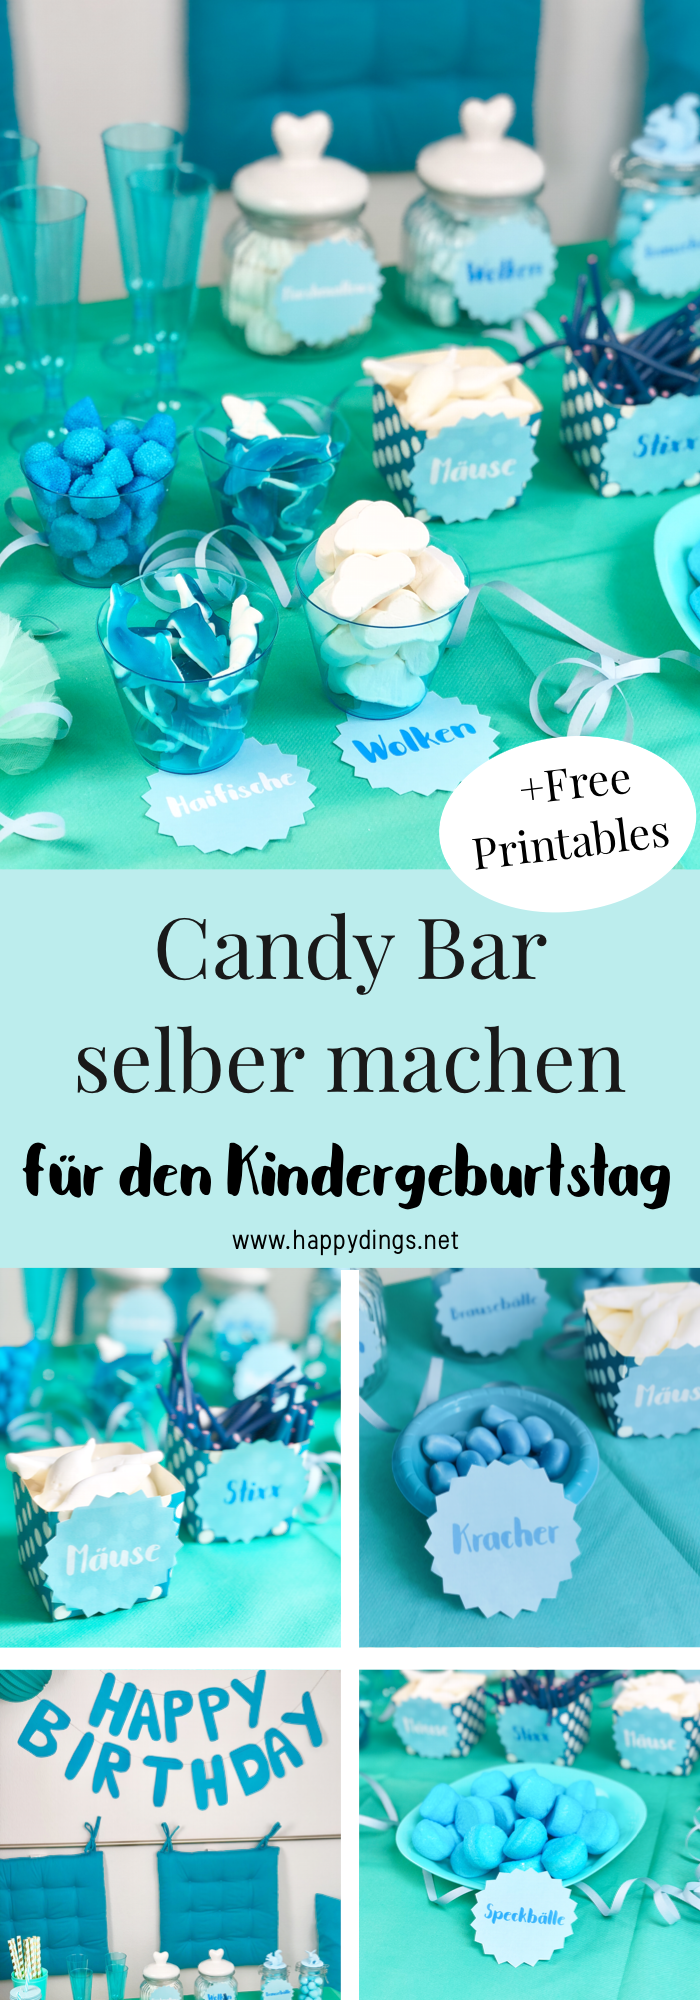 Candy Bar selber machen zur Hochzeit oder zum Geburtstag